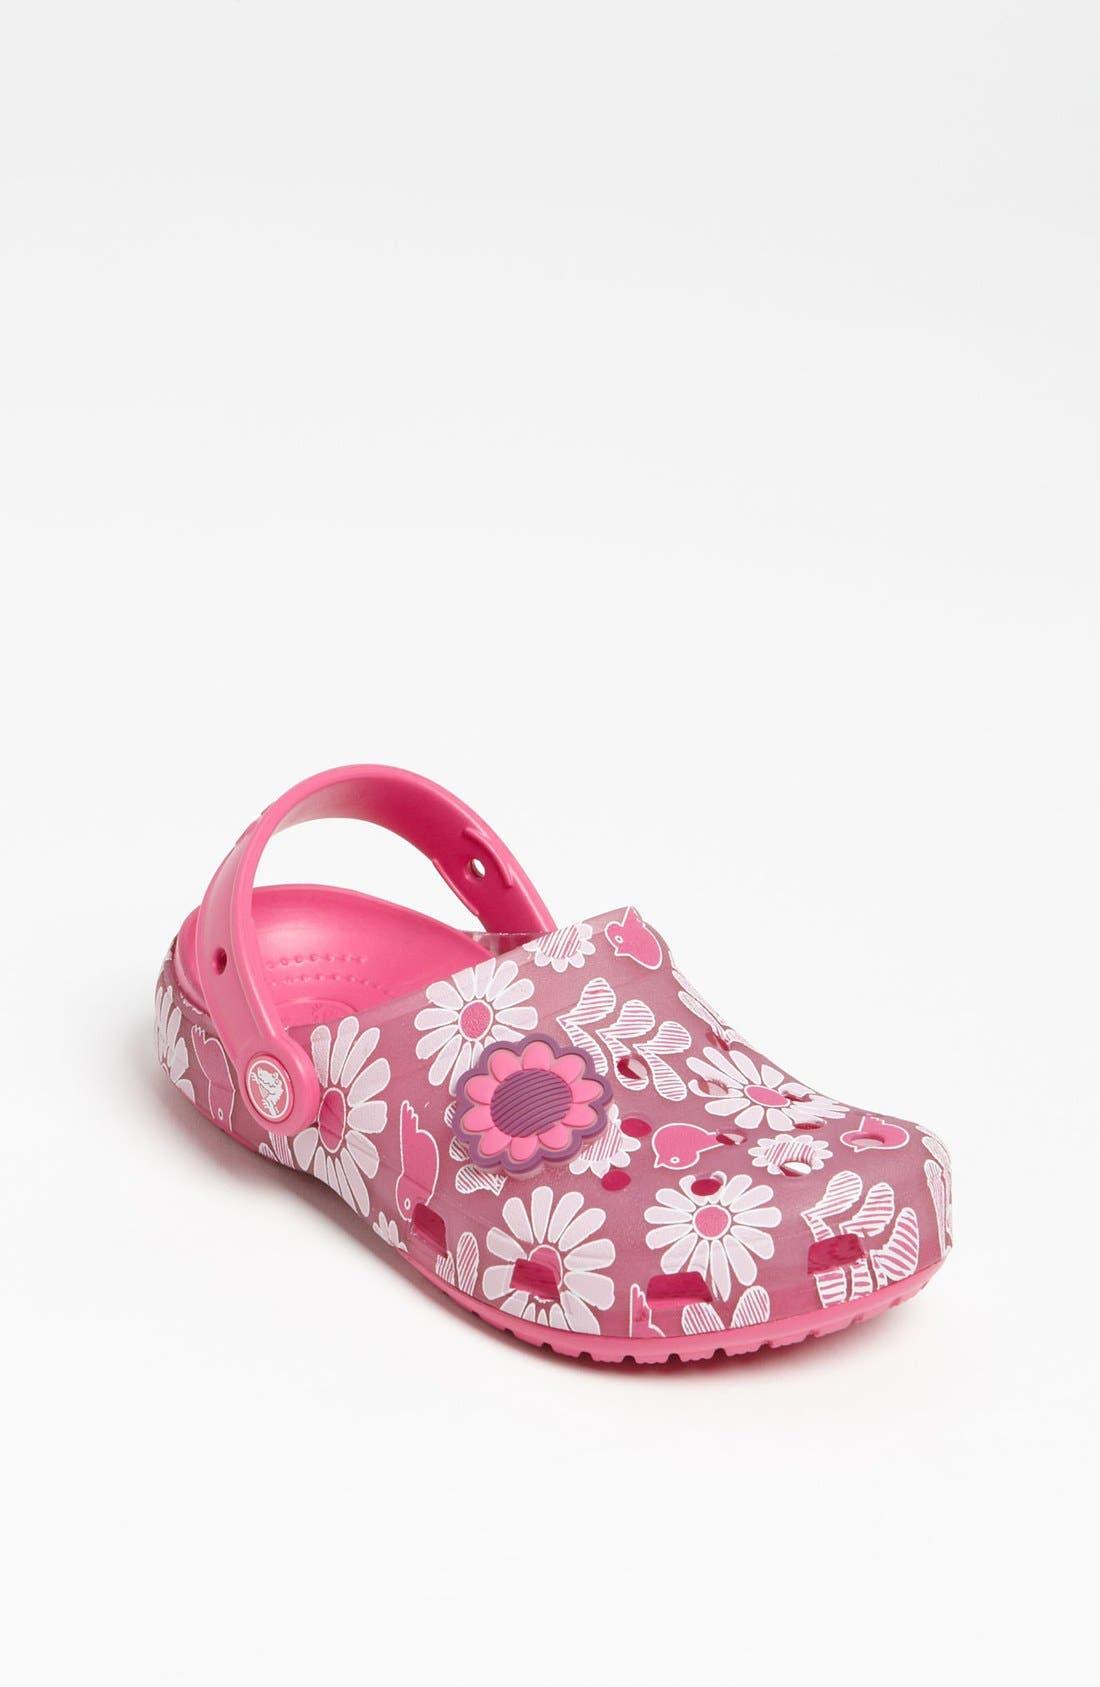 Alternate Image 1 Selected - CROCS™ 'Chameleon Floral' Slip-On (Walker, Toddler & Little Kid)